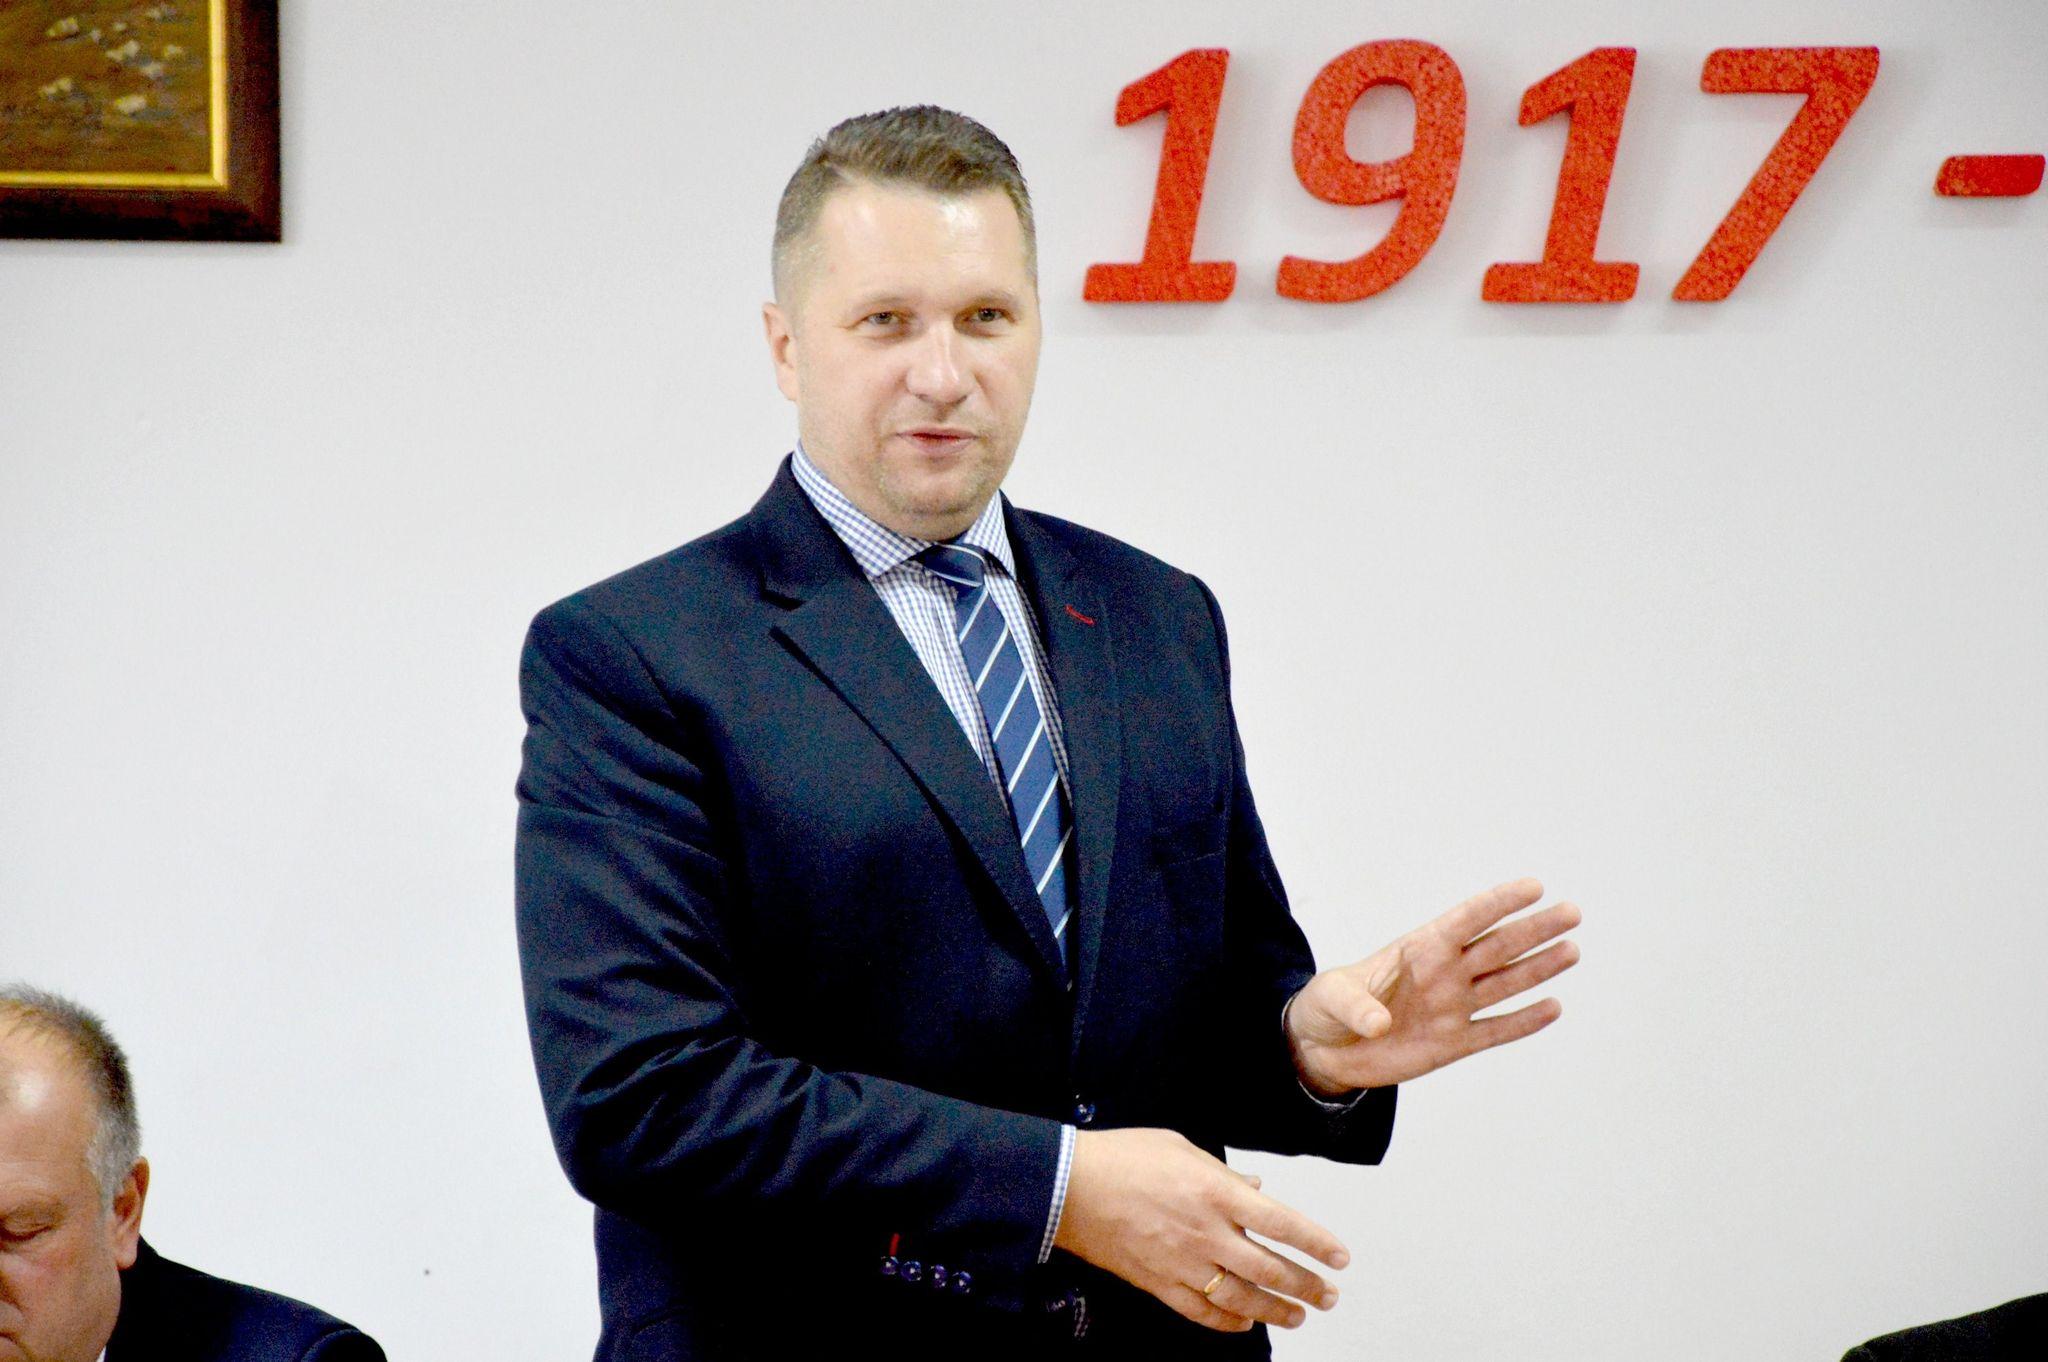 Kraj: Przemysław Czarnek w Dzień Nauczyciela: Polska edukacja stoi na dobrym poziomie - Zdjęcie główne